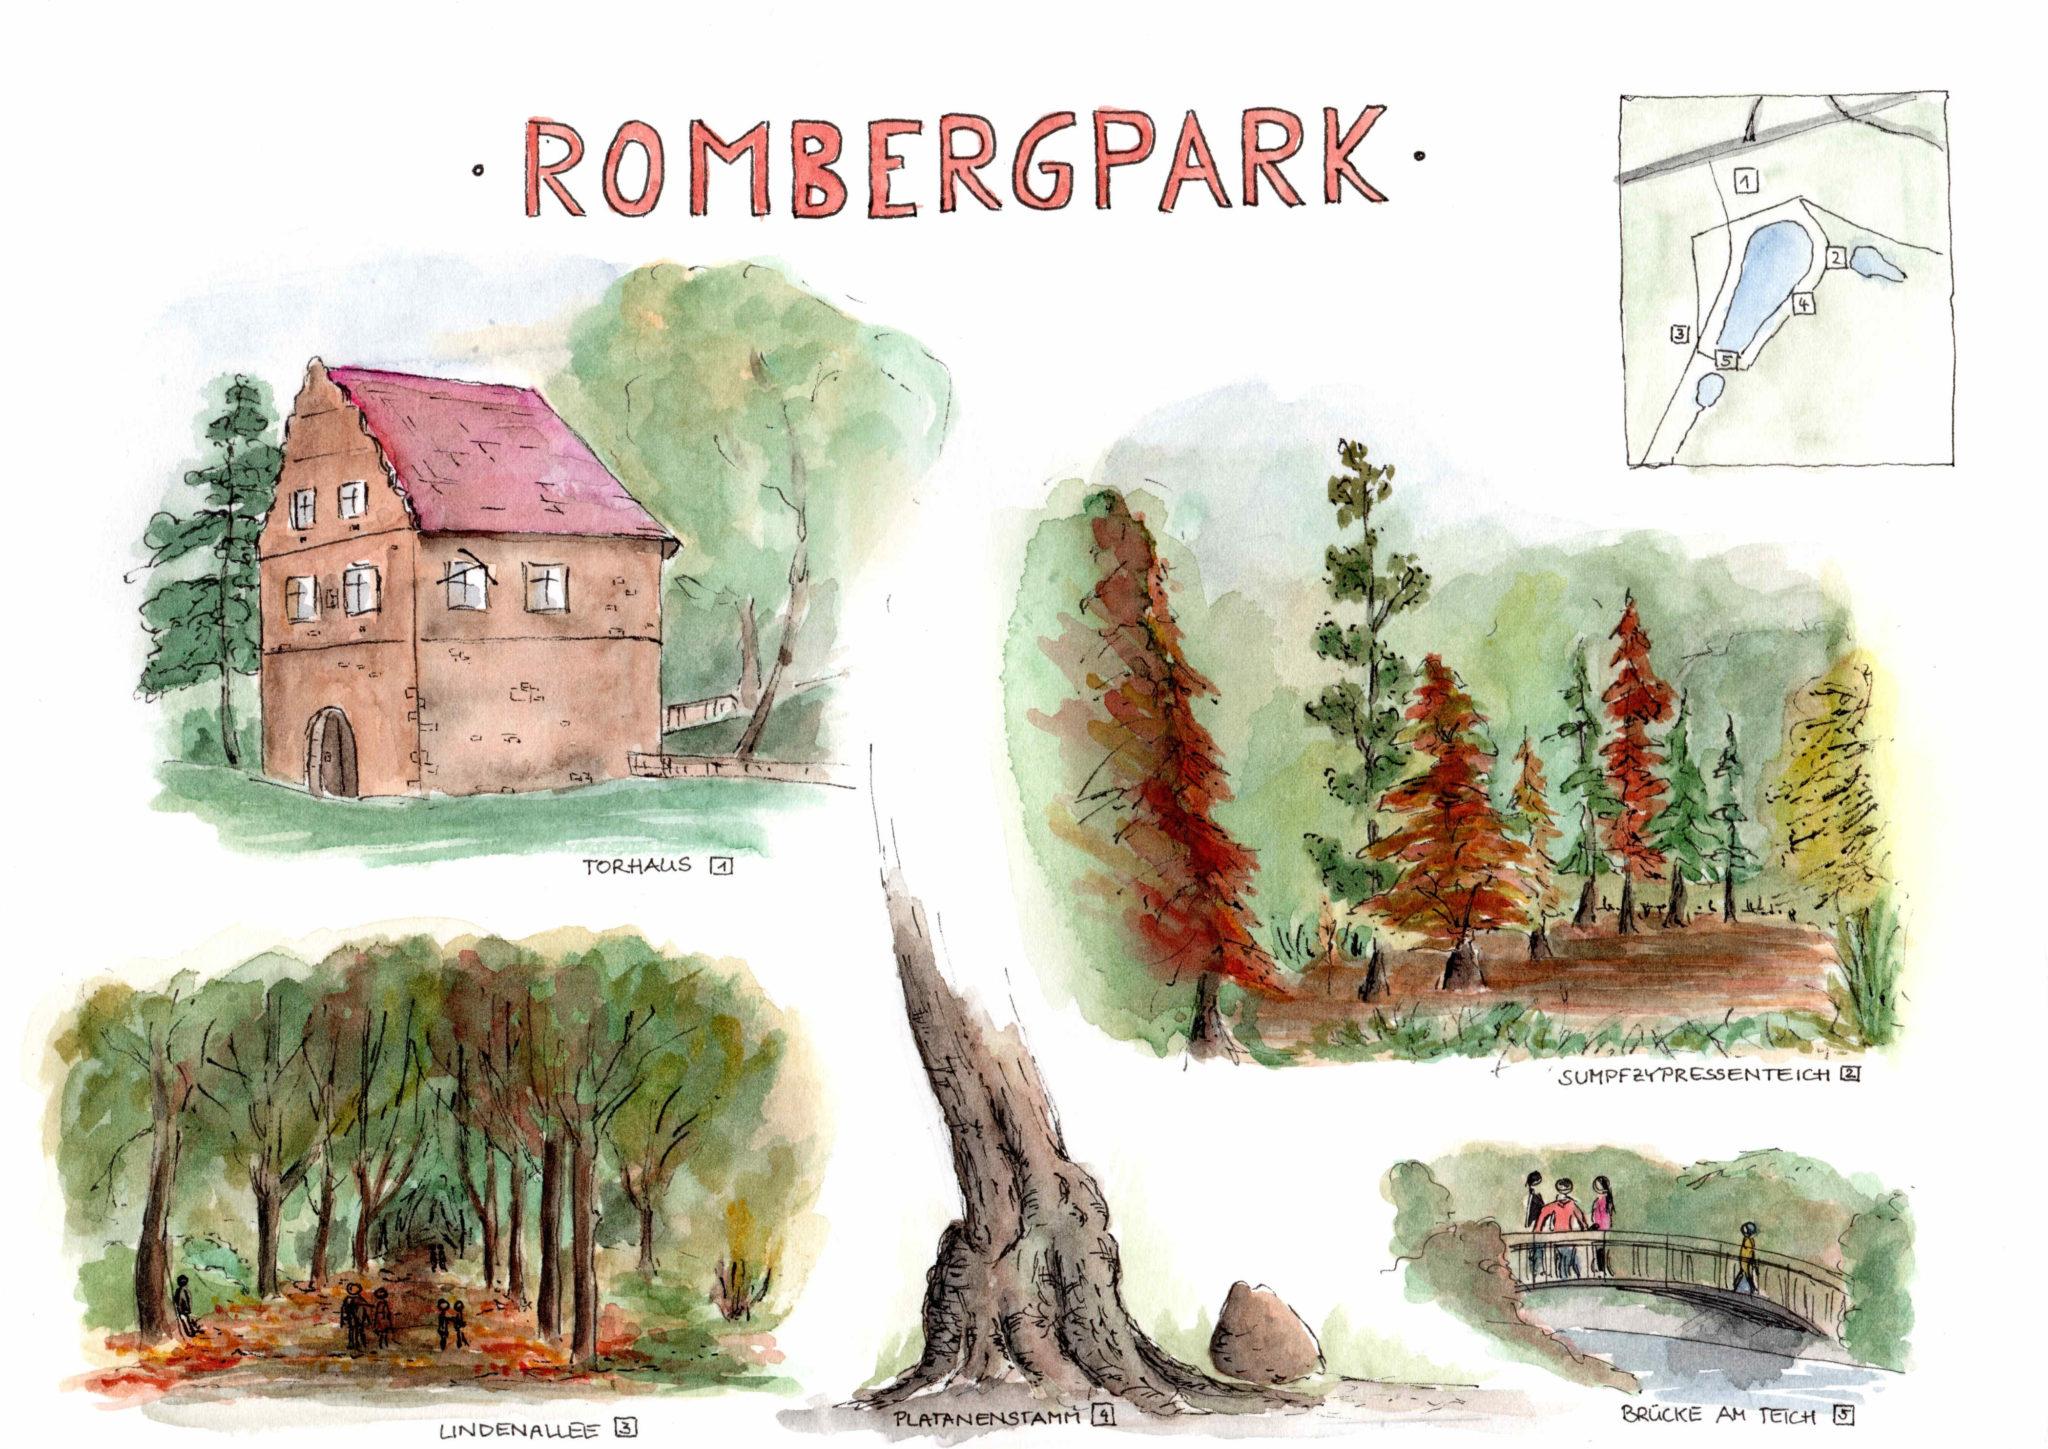 Rombergpark - Dagmar Knappe